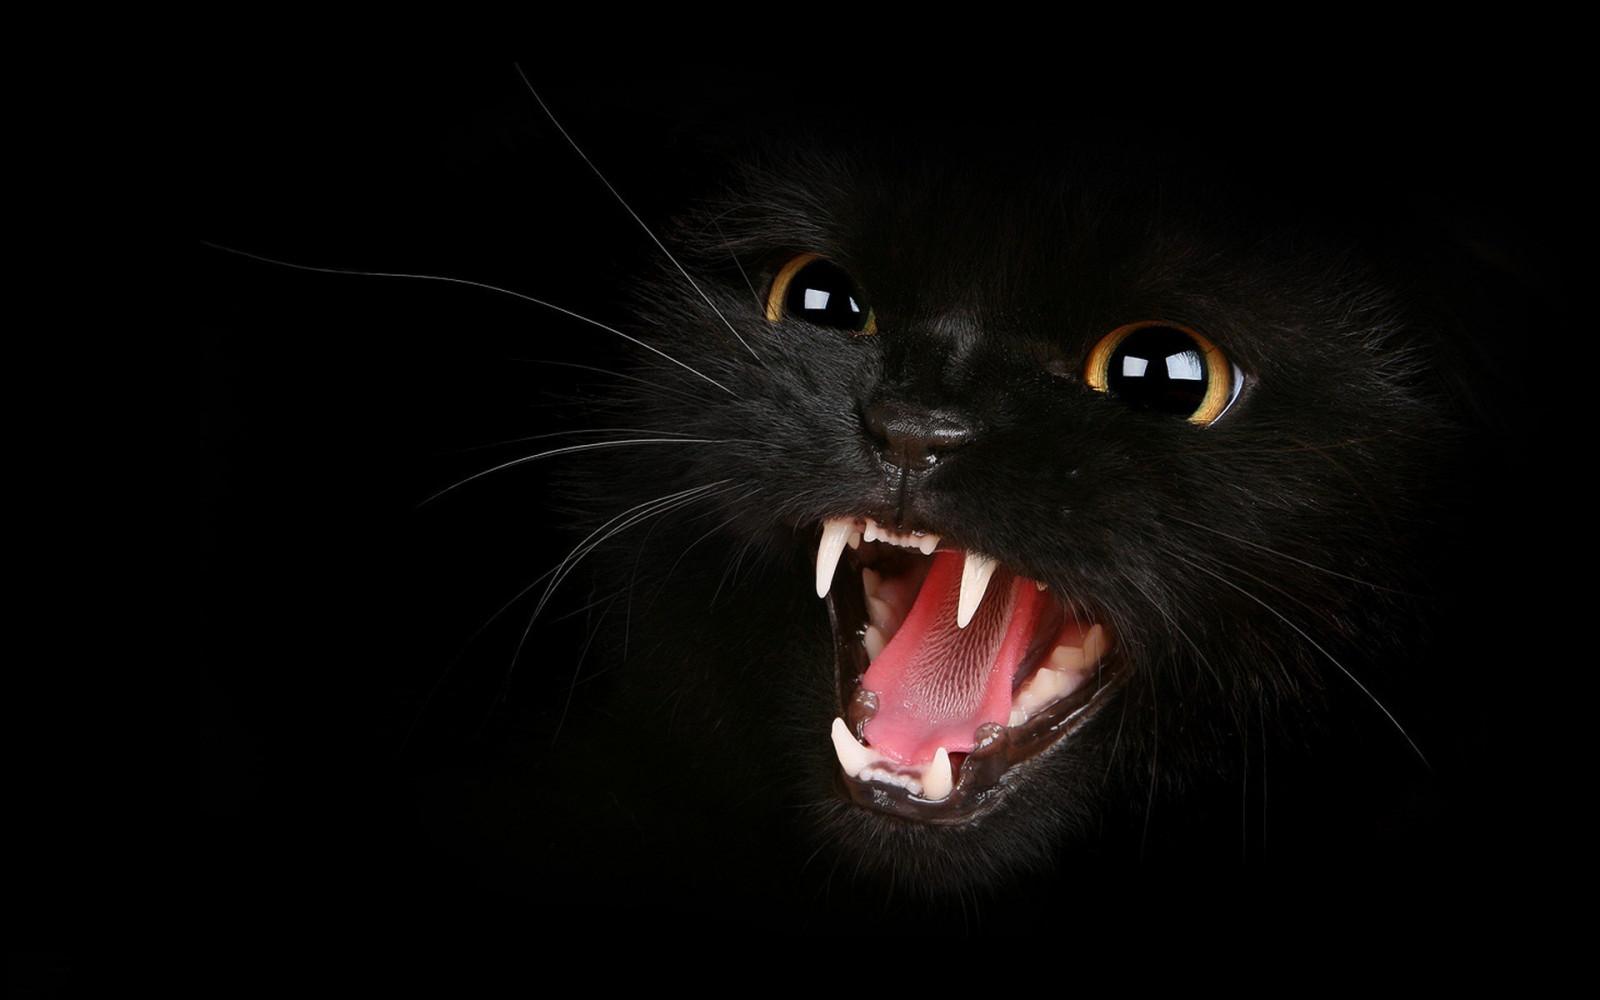 обои на рабочий стол черные кошки на черном фоне № 154894 без смс